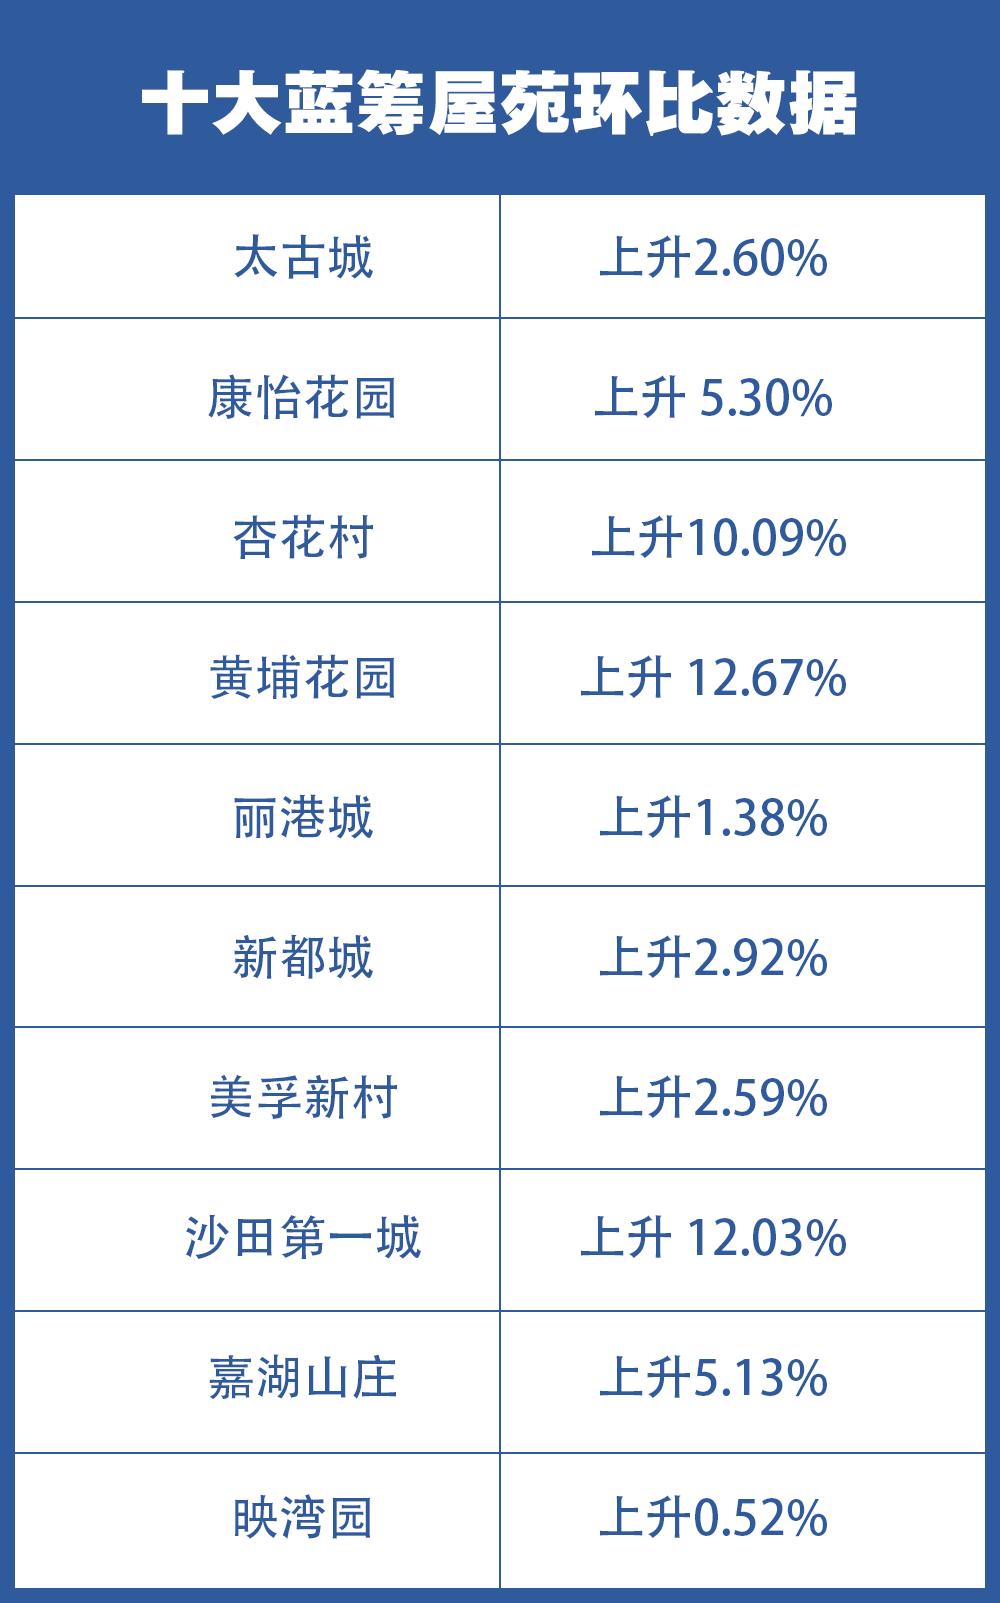 数据来源:中原地产5月10日公布的指数,根据4月29日至5月5日签订正式买卖合约的中原集团成交计算。